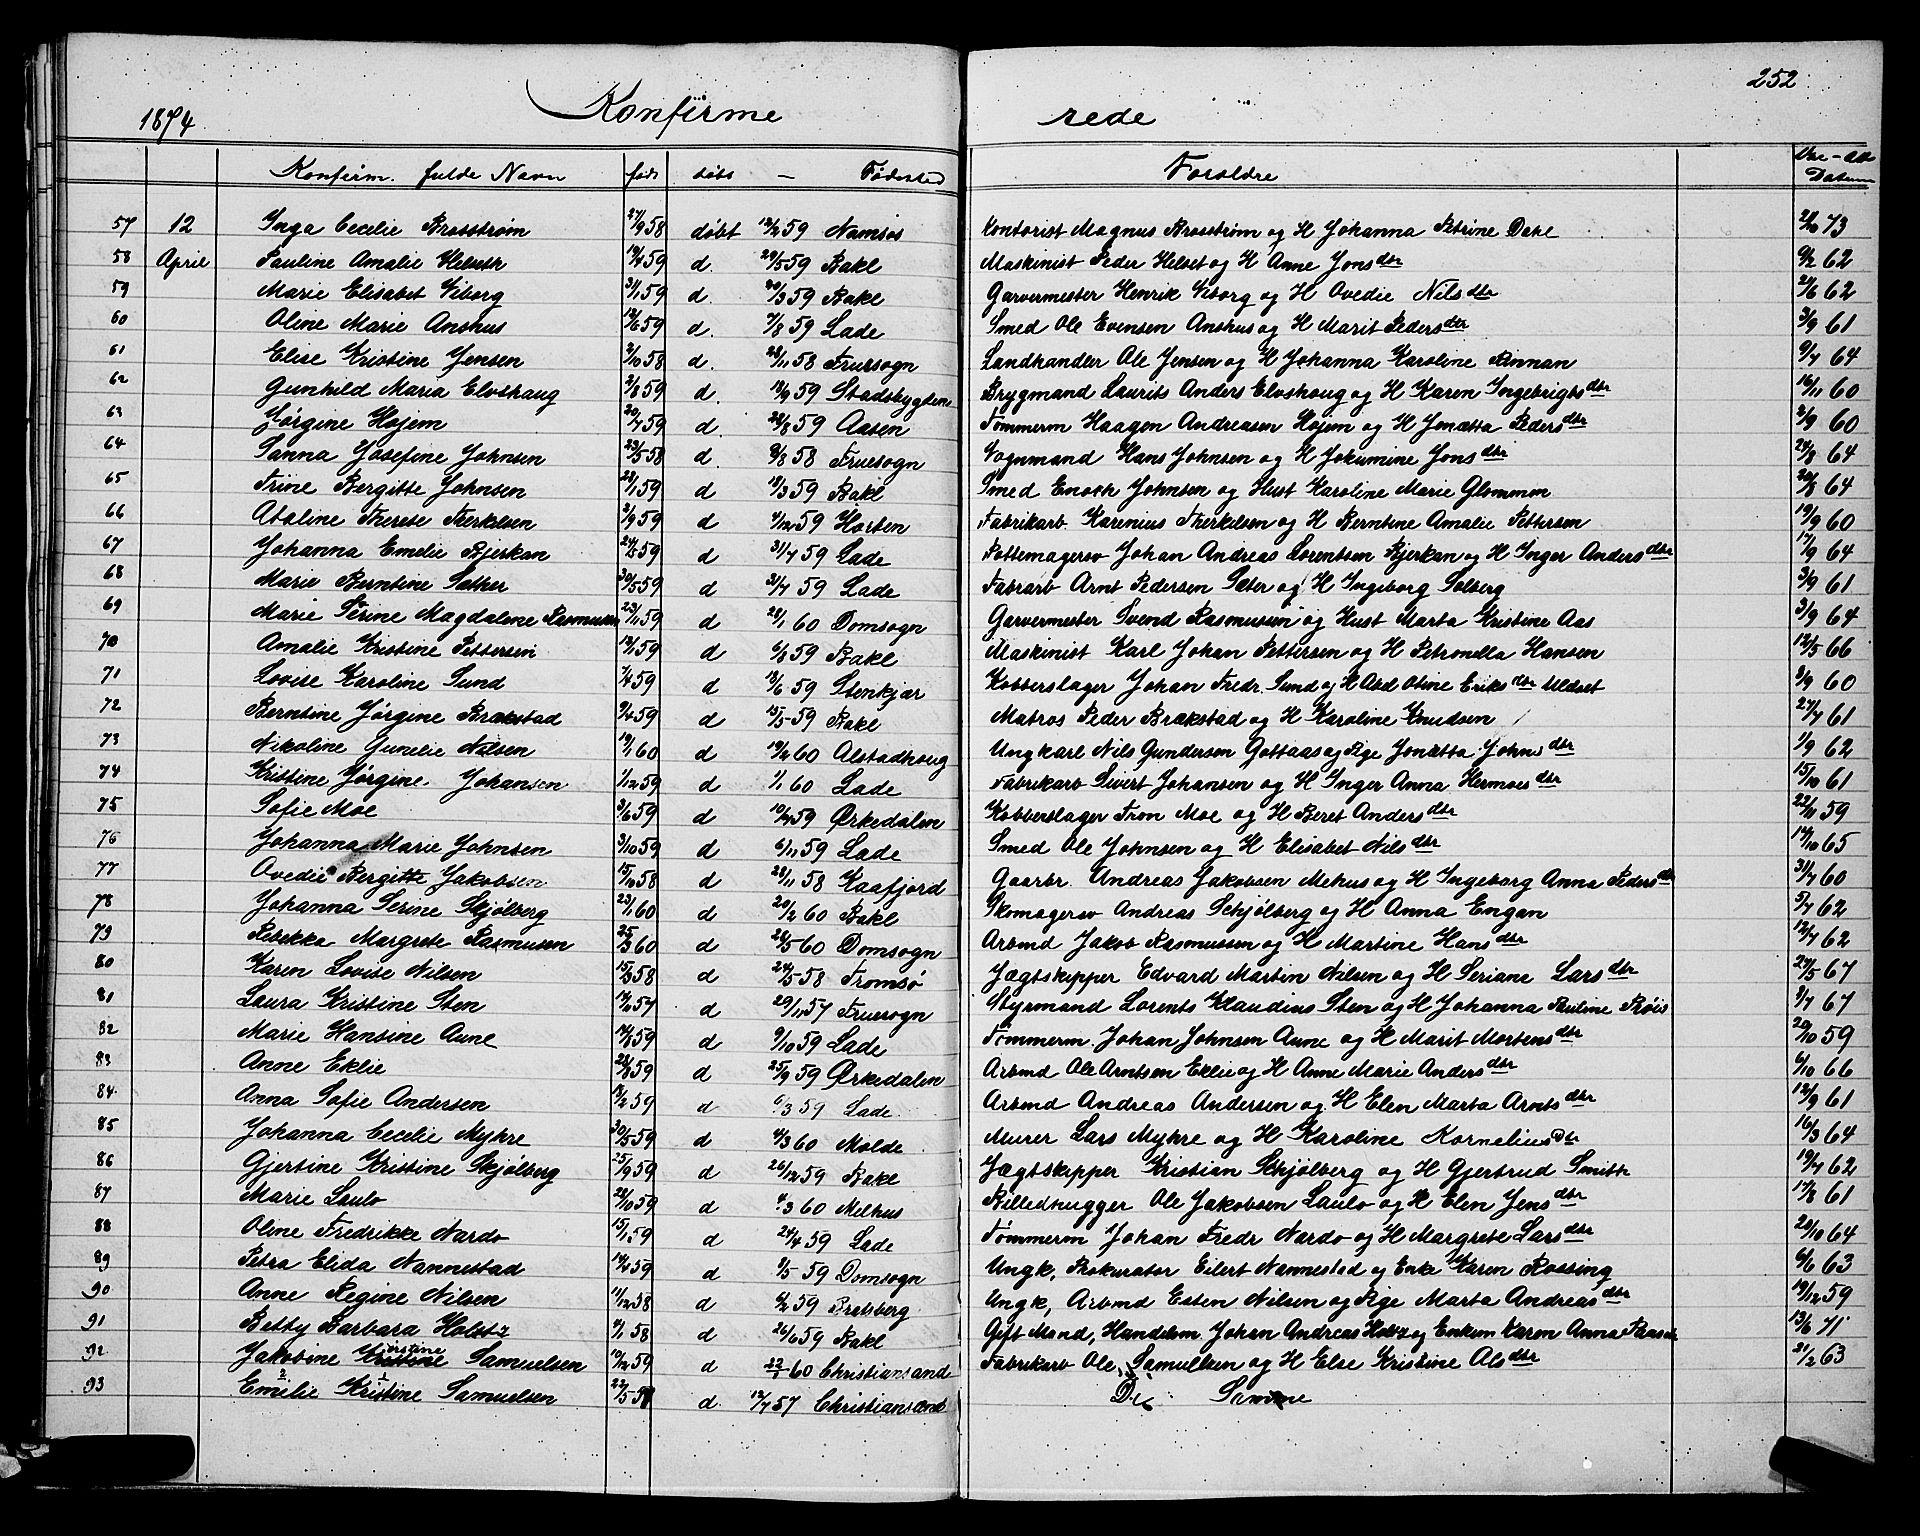 SAT, Ministerialprotokoller, klokkerbøker og fødselsregistre - Sør-Trøndelag, 604/L0220: Klokkerbok nr. 604C03, 1870-1885, s. 252